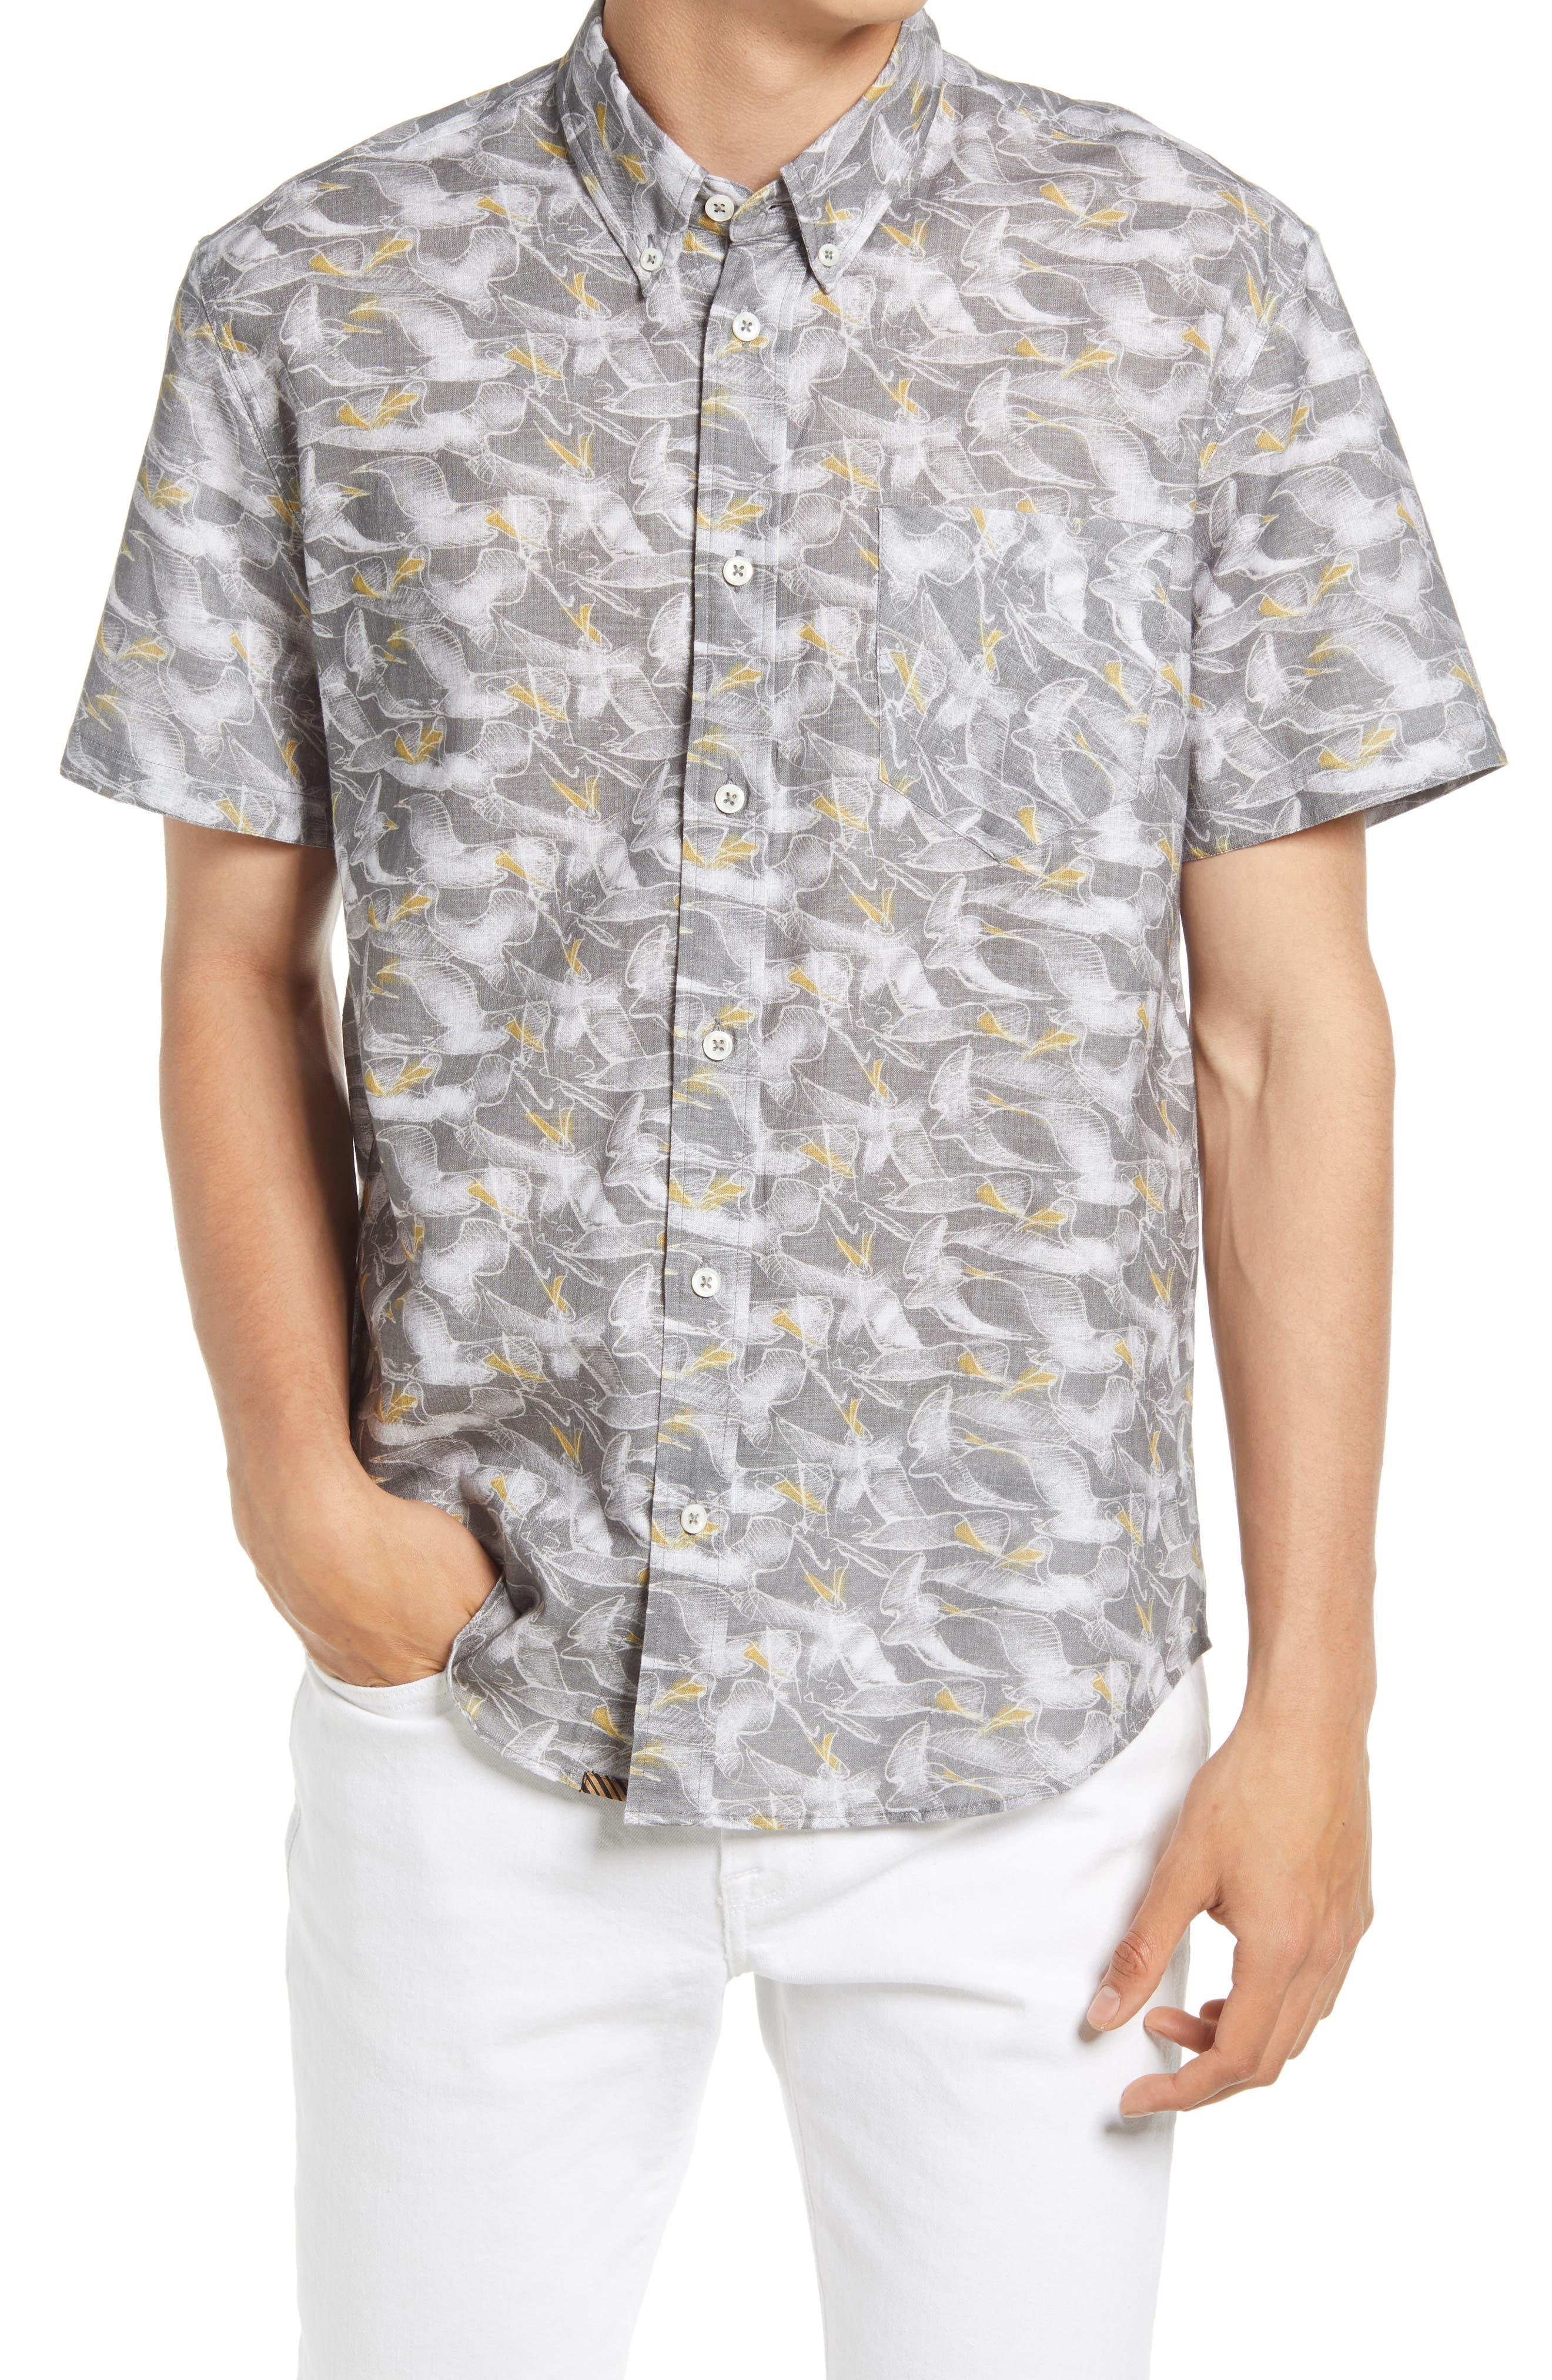 Pelican Sketch Regular Fit Short Sleeve Button-Down Shirt